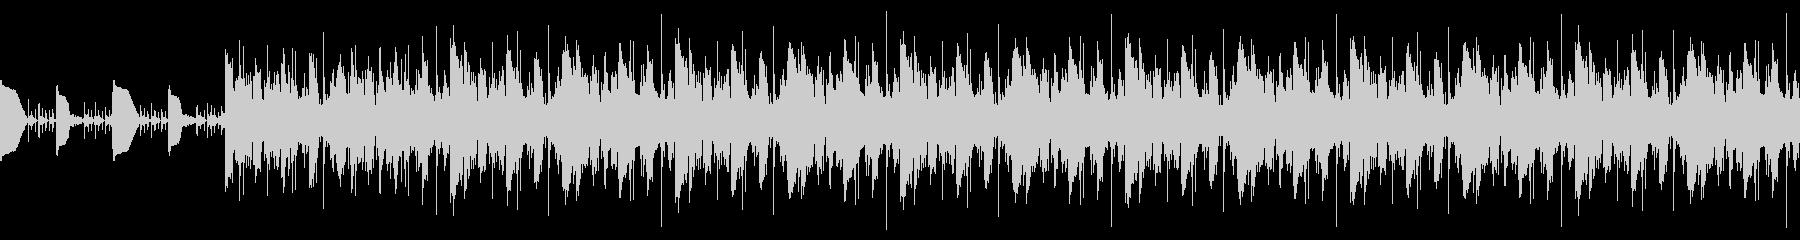 ポップBGMの未再生の波形